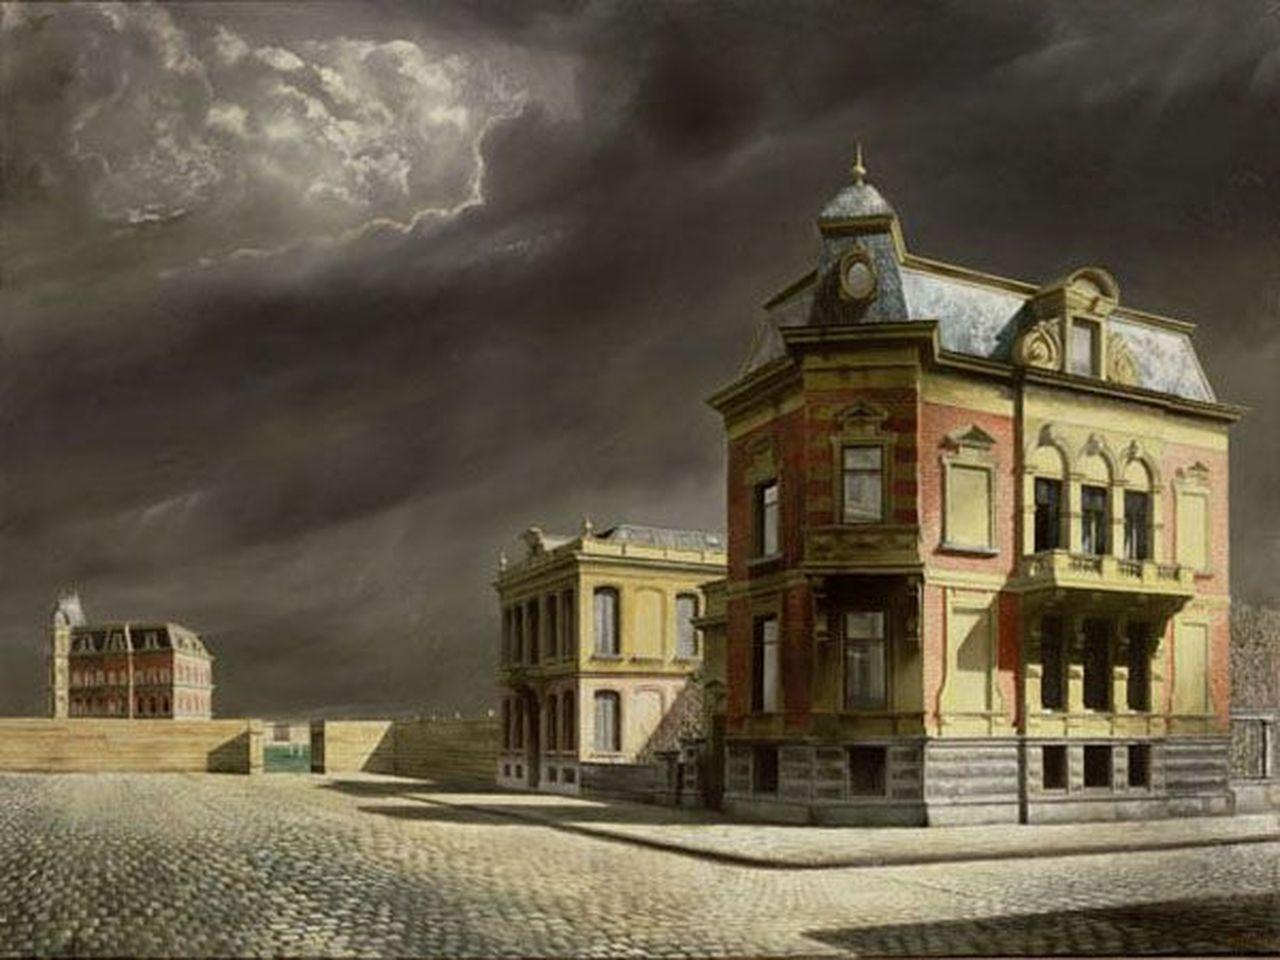 Stadsgezicht (1934), Vondelstraat 13, hoek Tesselschadestraat (schilderij)